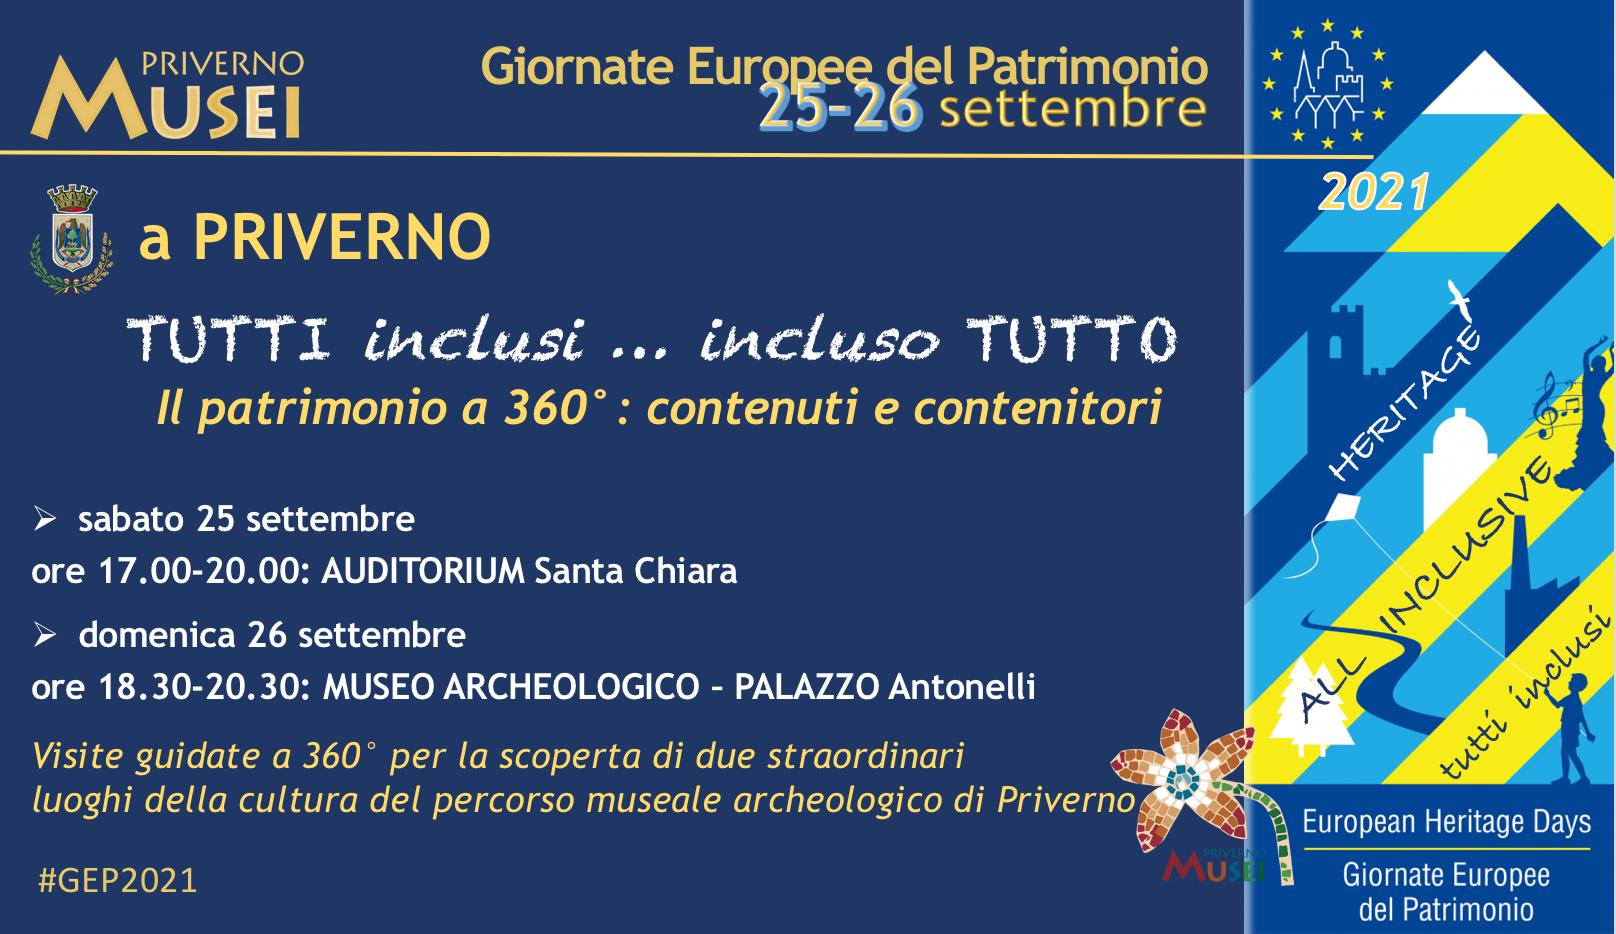 Priverno: Giornate Europee del Patrimonio 25 - 26 settembre @ Priverno